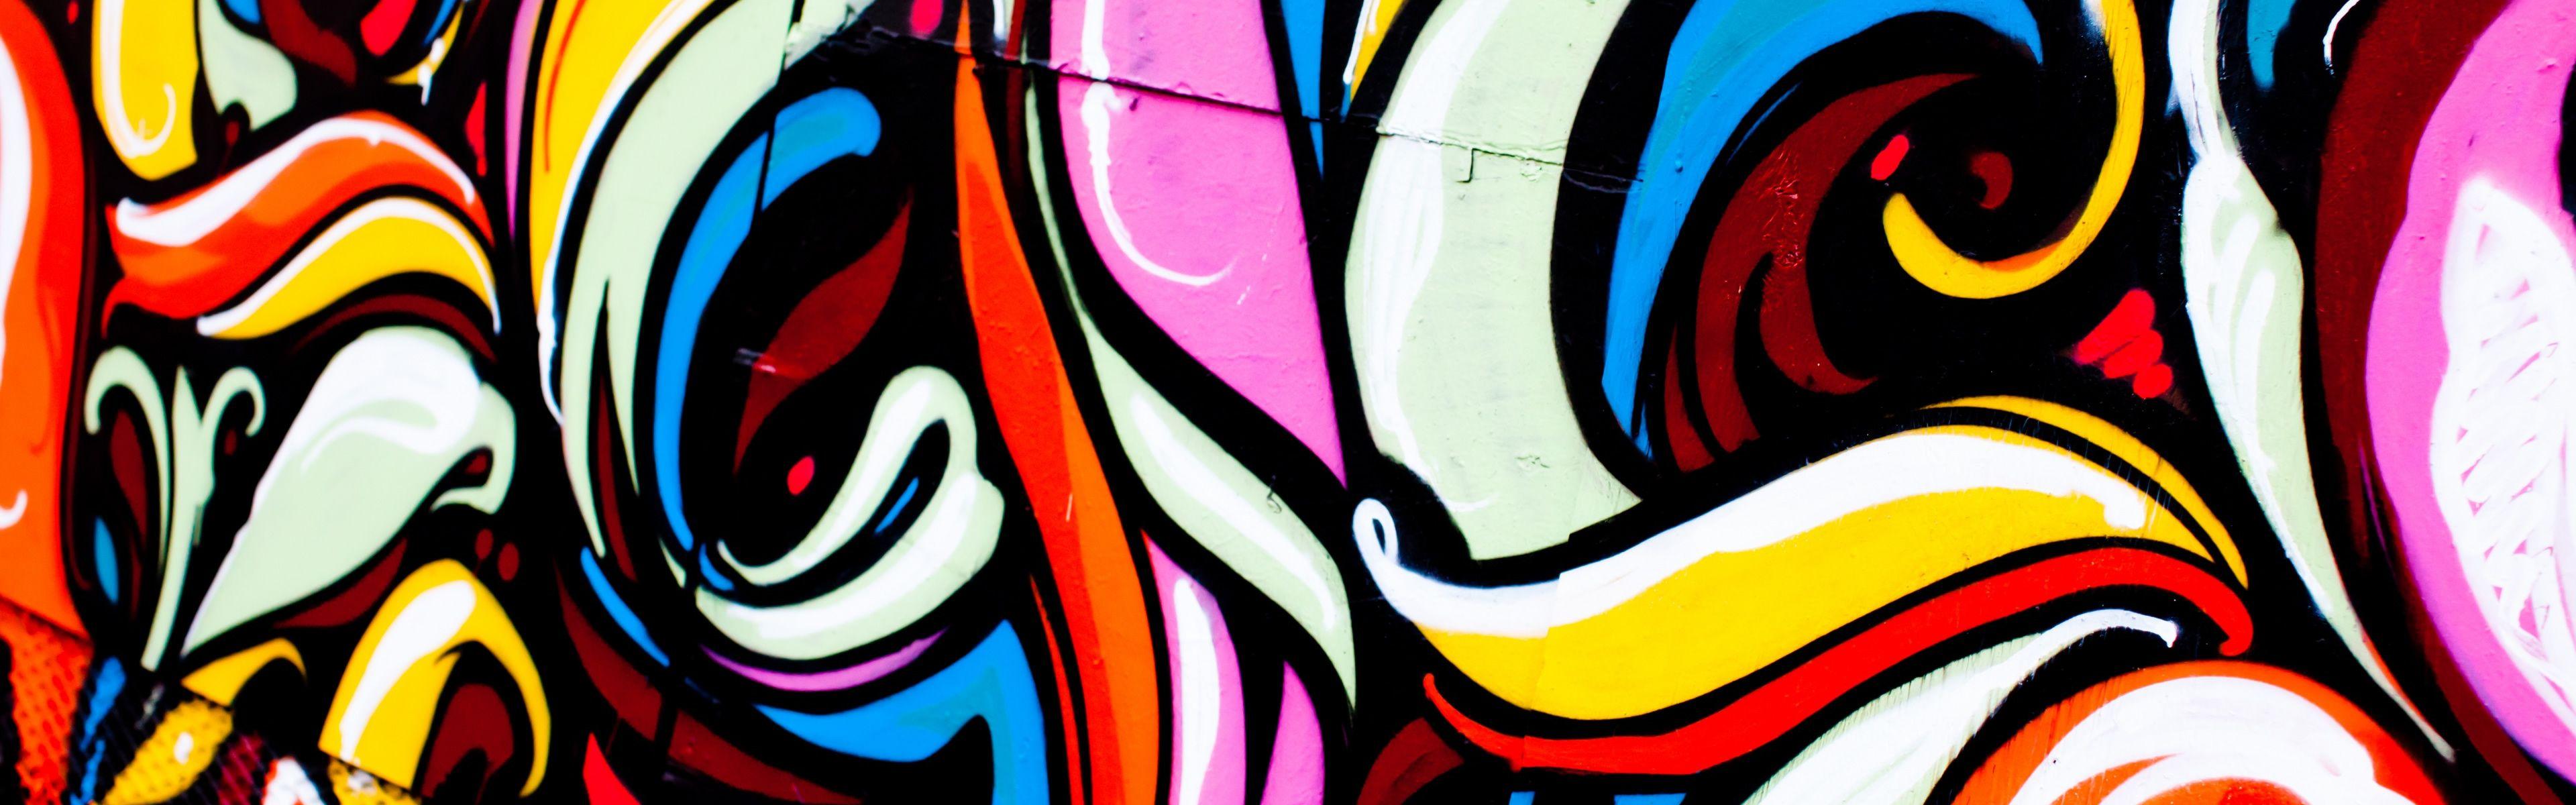 Graffiti wallpaper murals wallpaper hd wallpapers pinterest graffiti art voltagebd Image collections